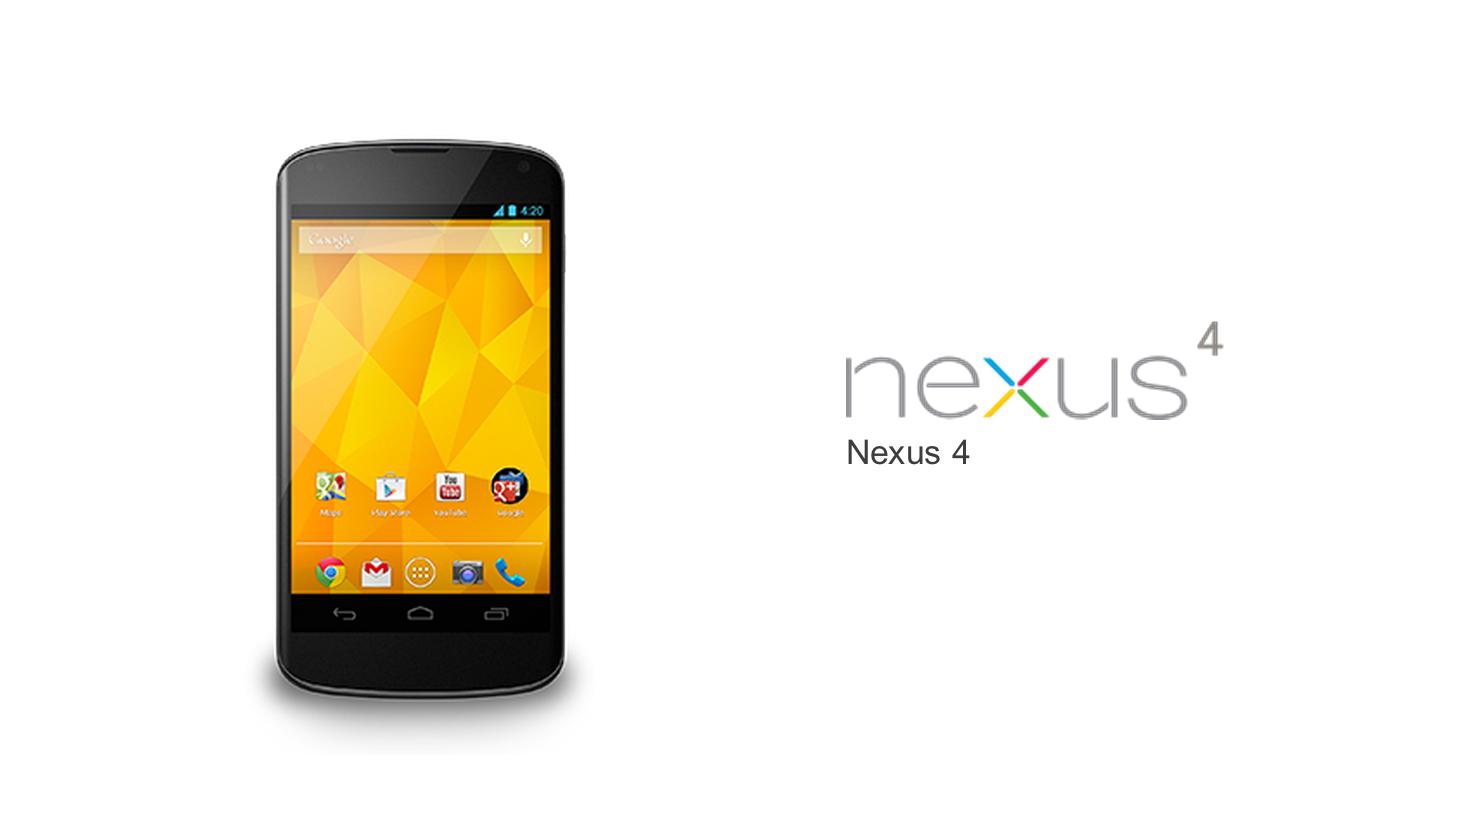 「Nexus 4」のアジア圏での発売日は11月下旬に。